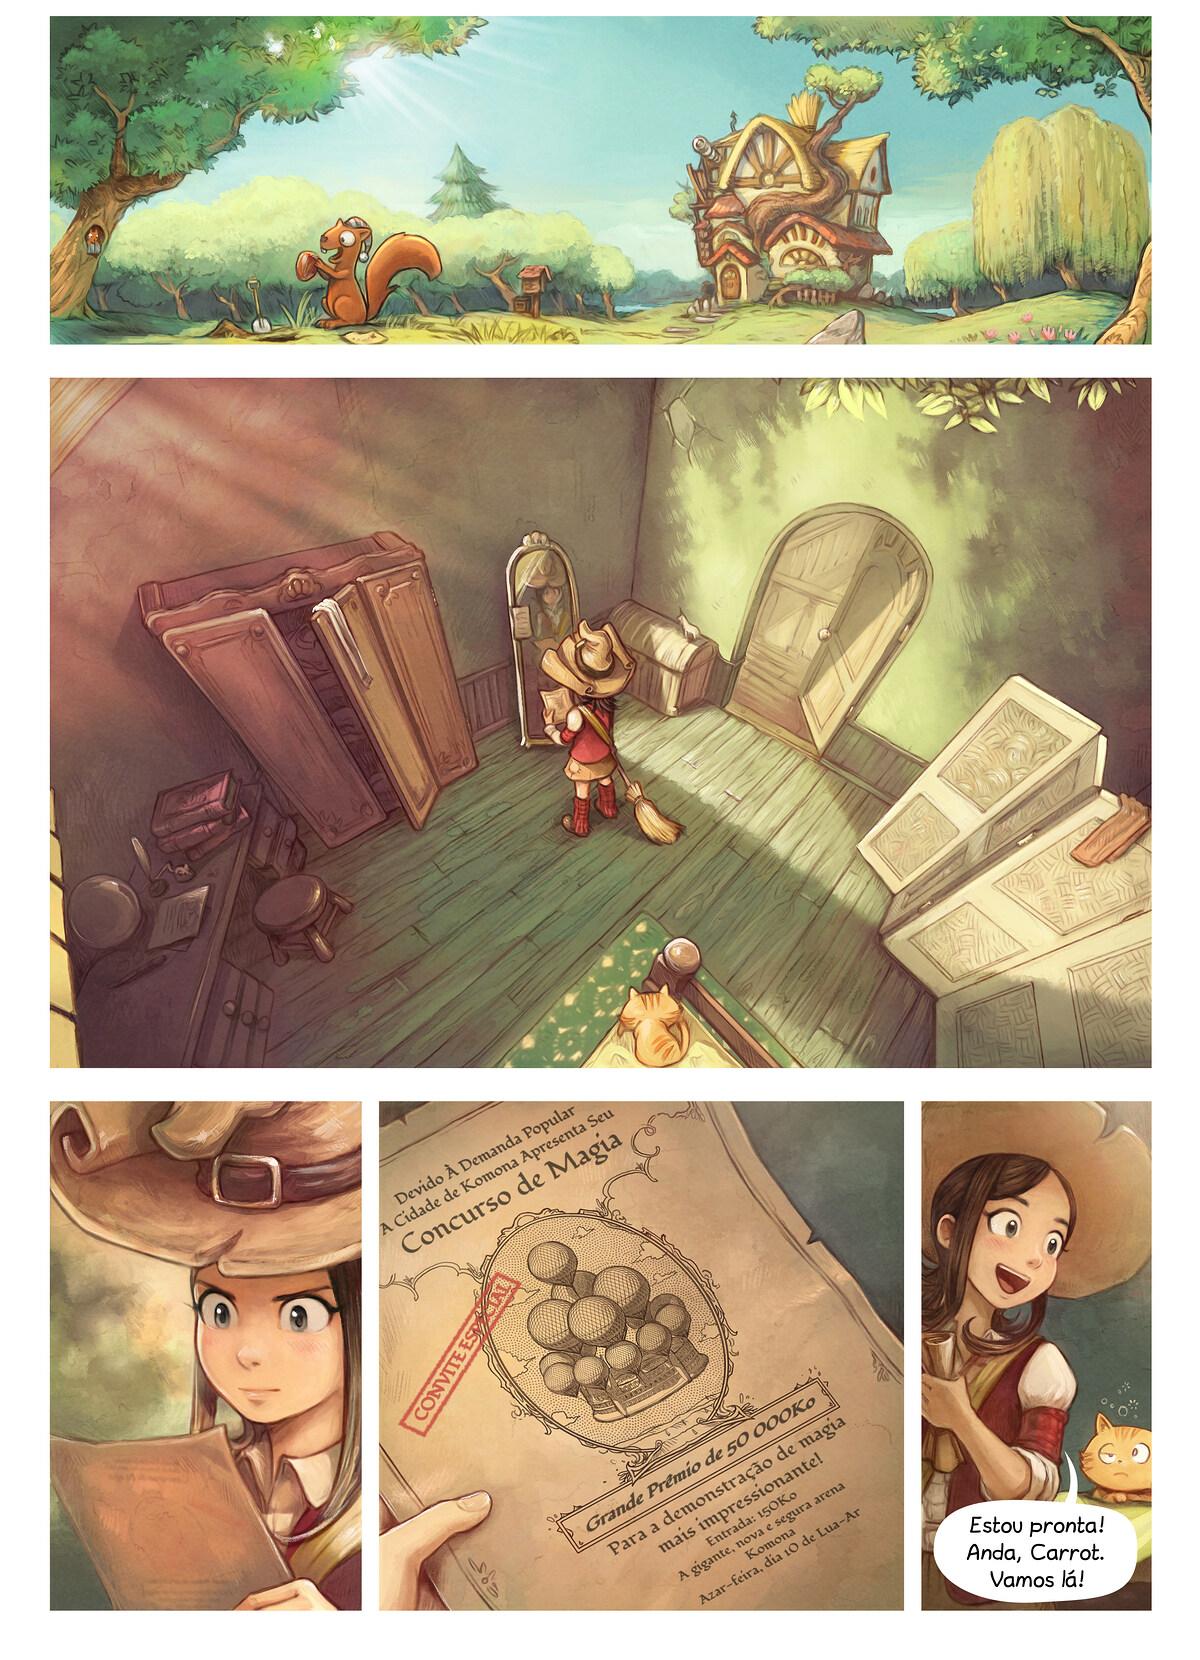 Episódio 21: O Concurso de Magia, Page 1